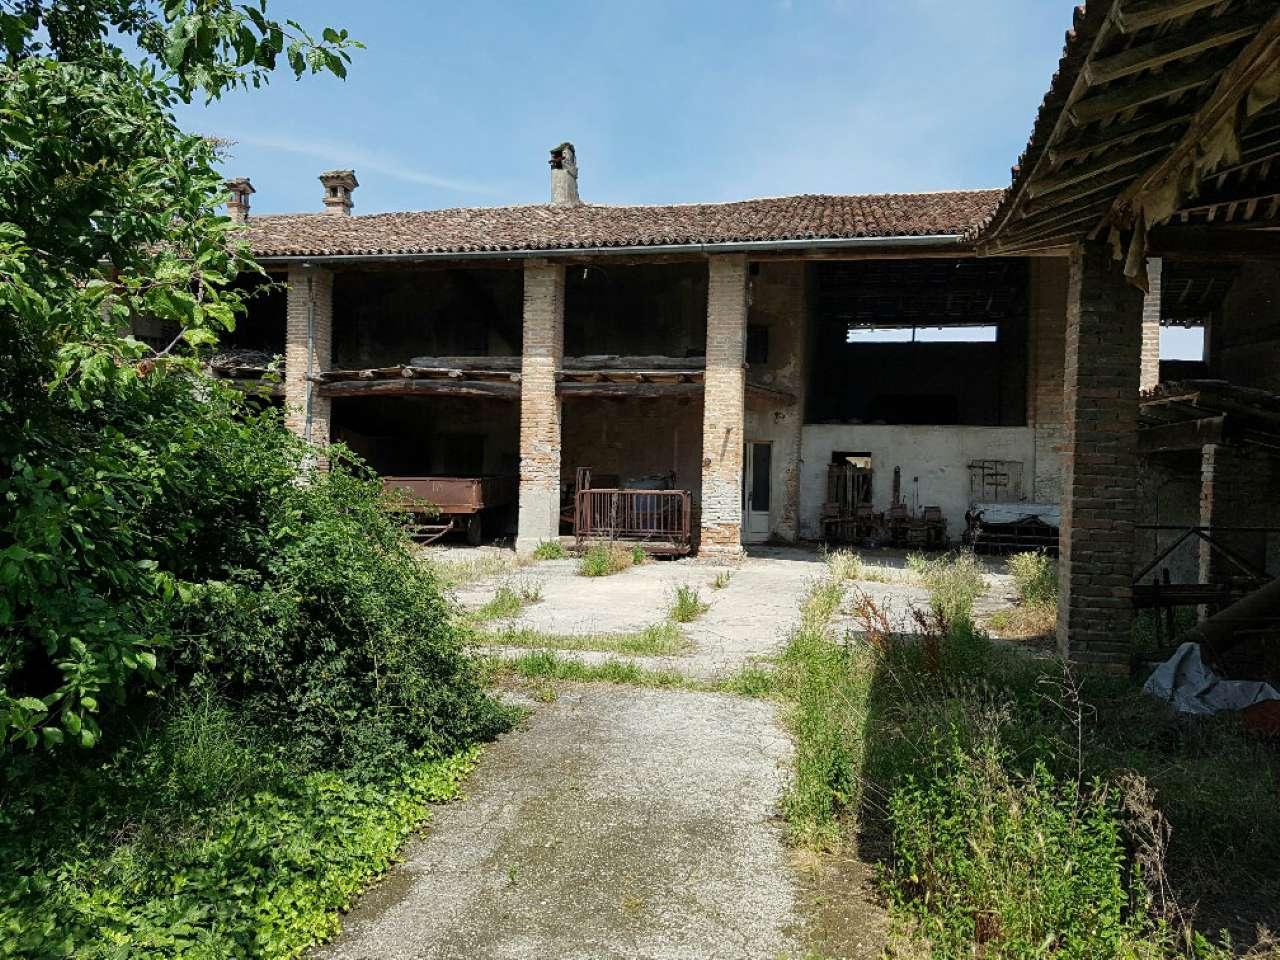 Rustico / Casale in vendita a Cremosano, 8 locali, prezzo € 75.000 | CambioCasa.it